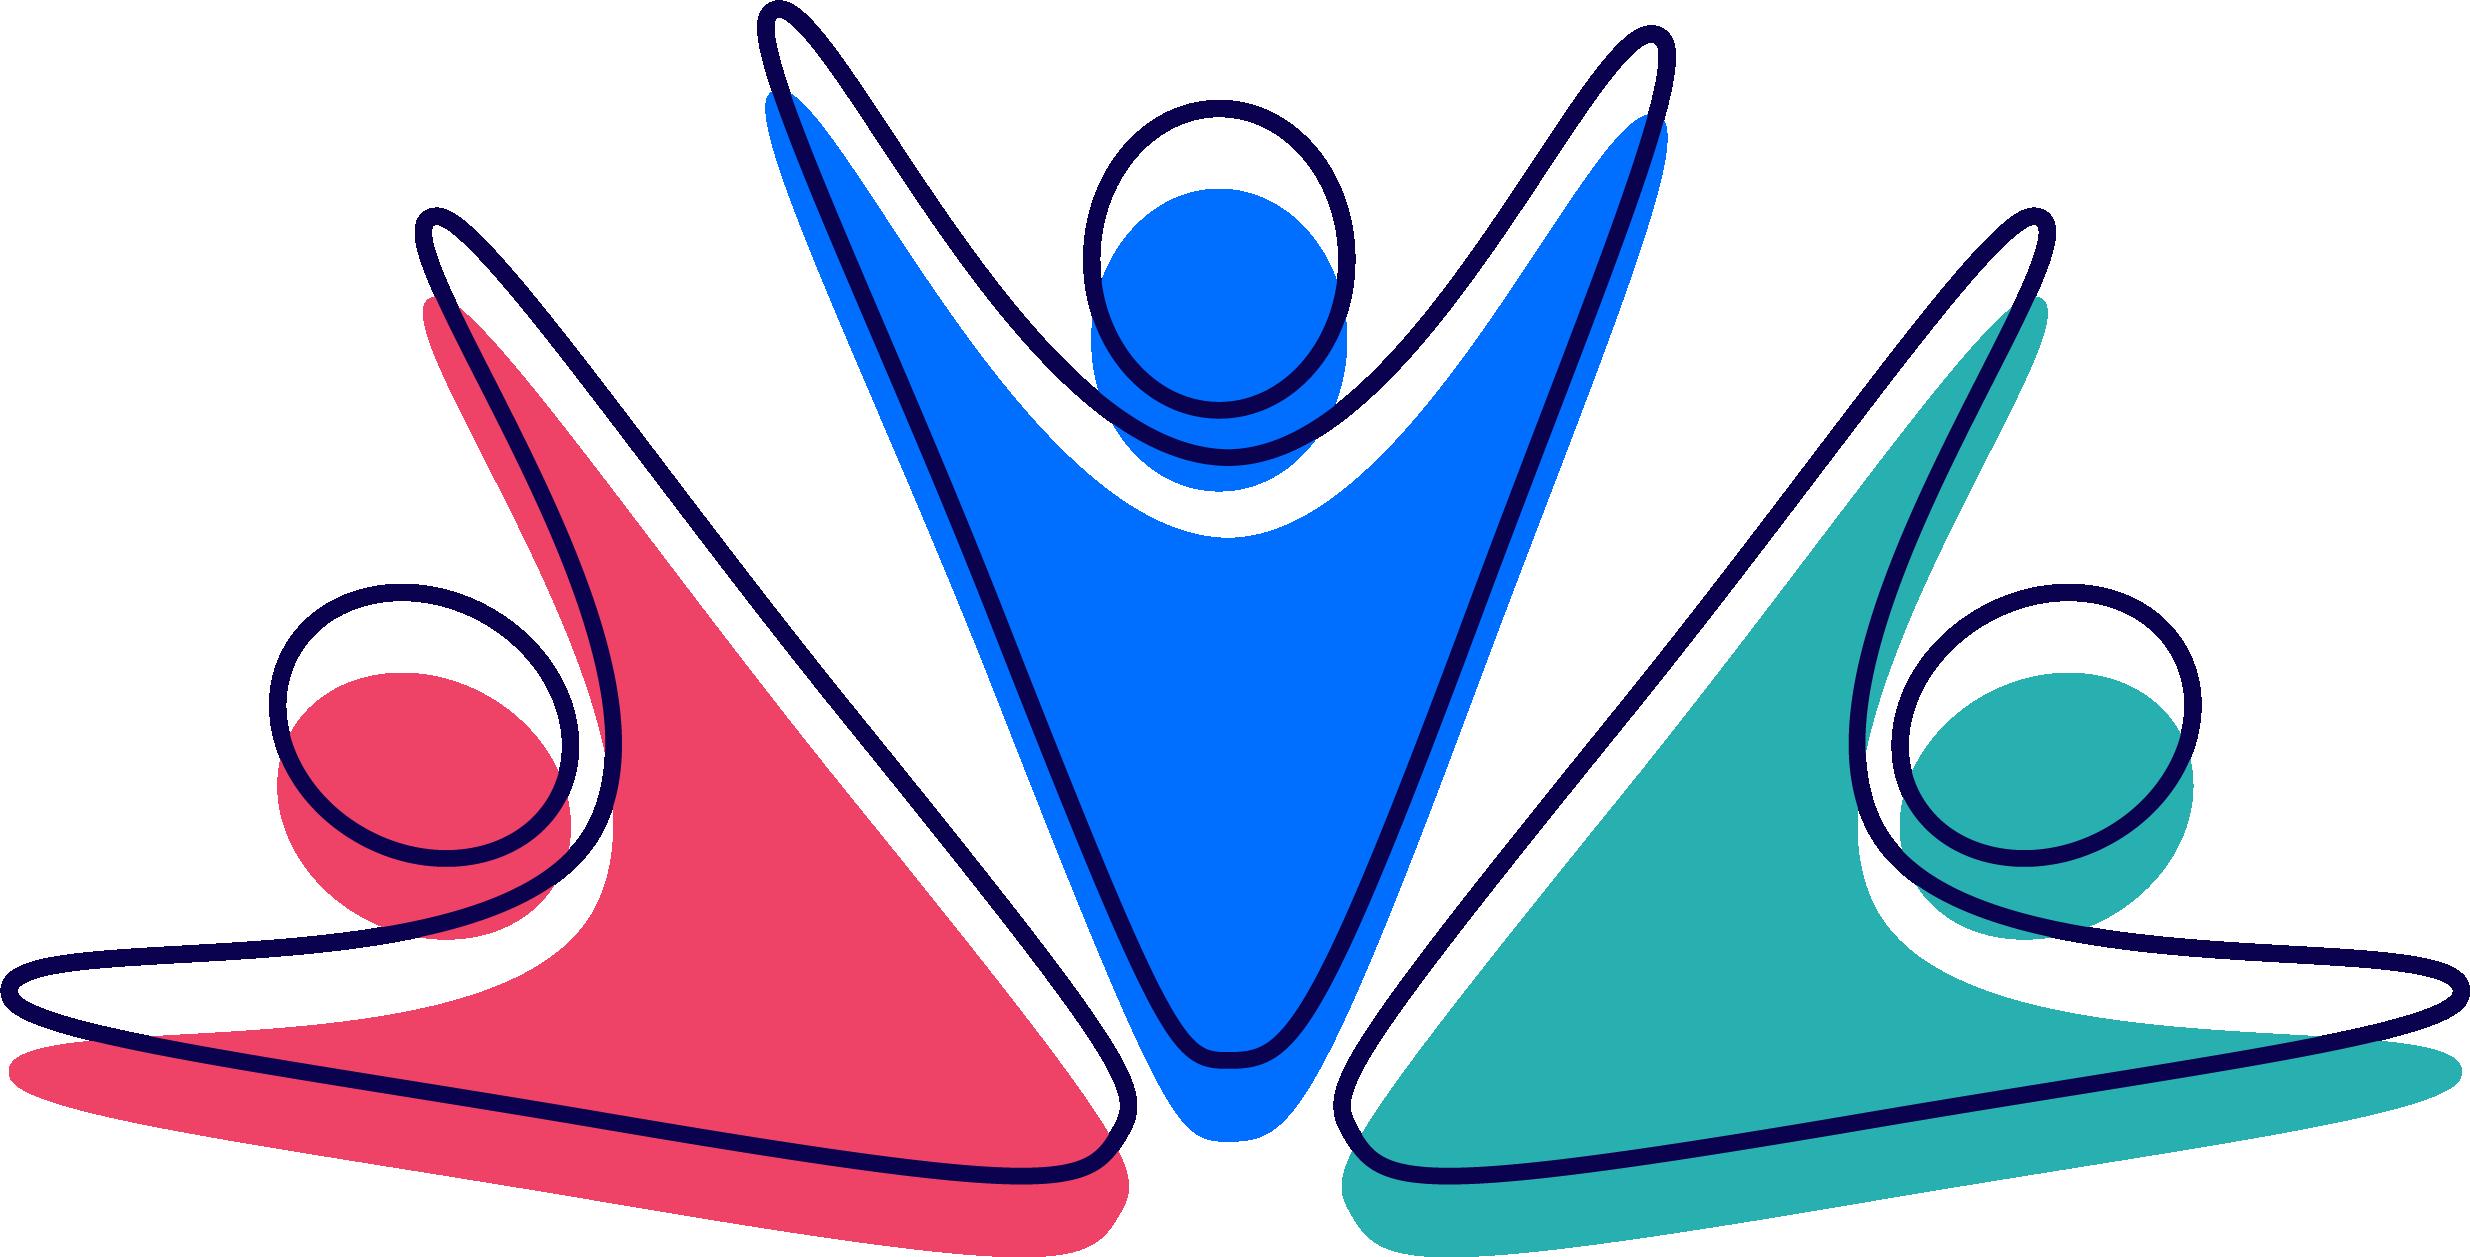 half of the AAOP2022 logo